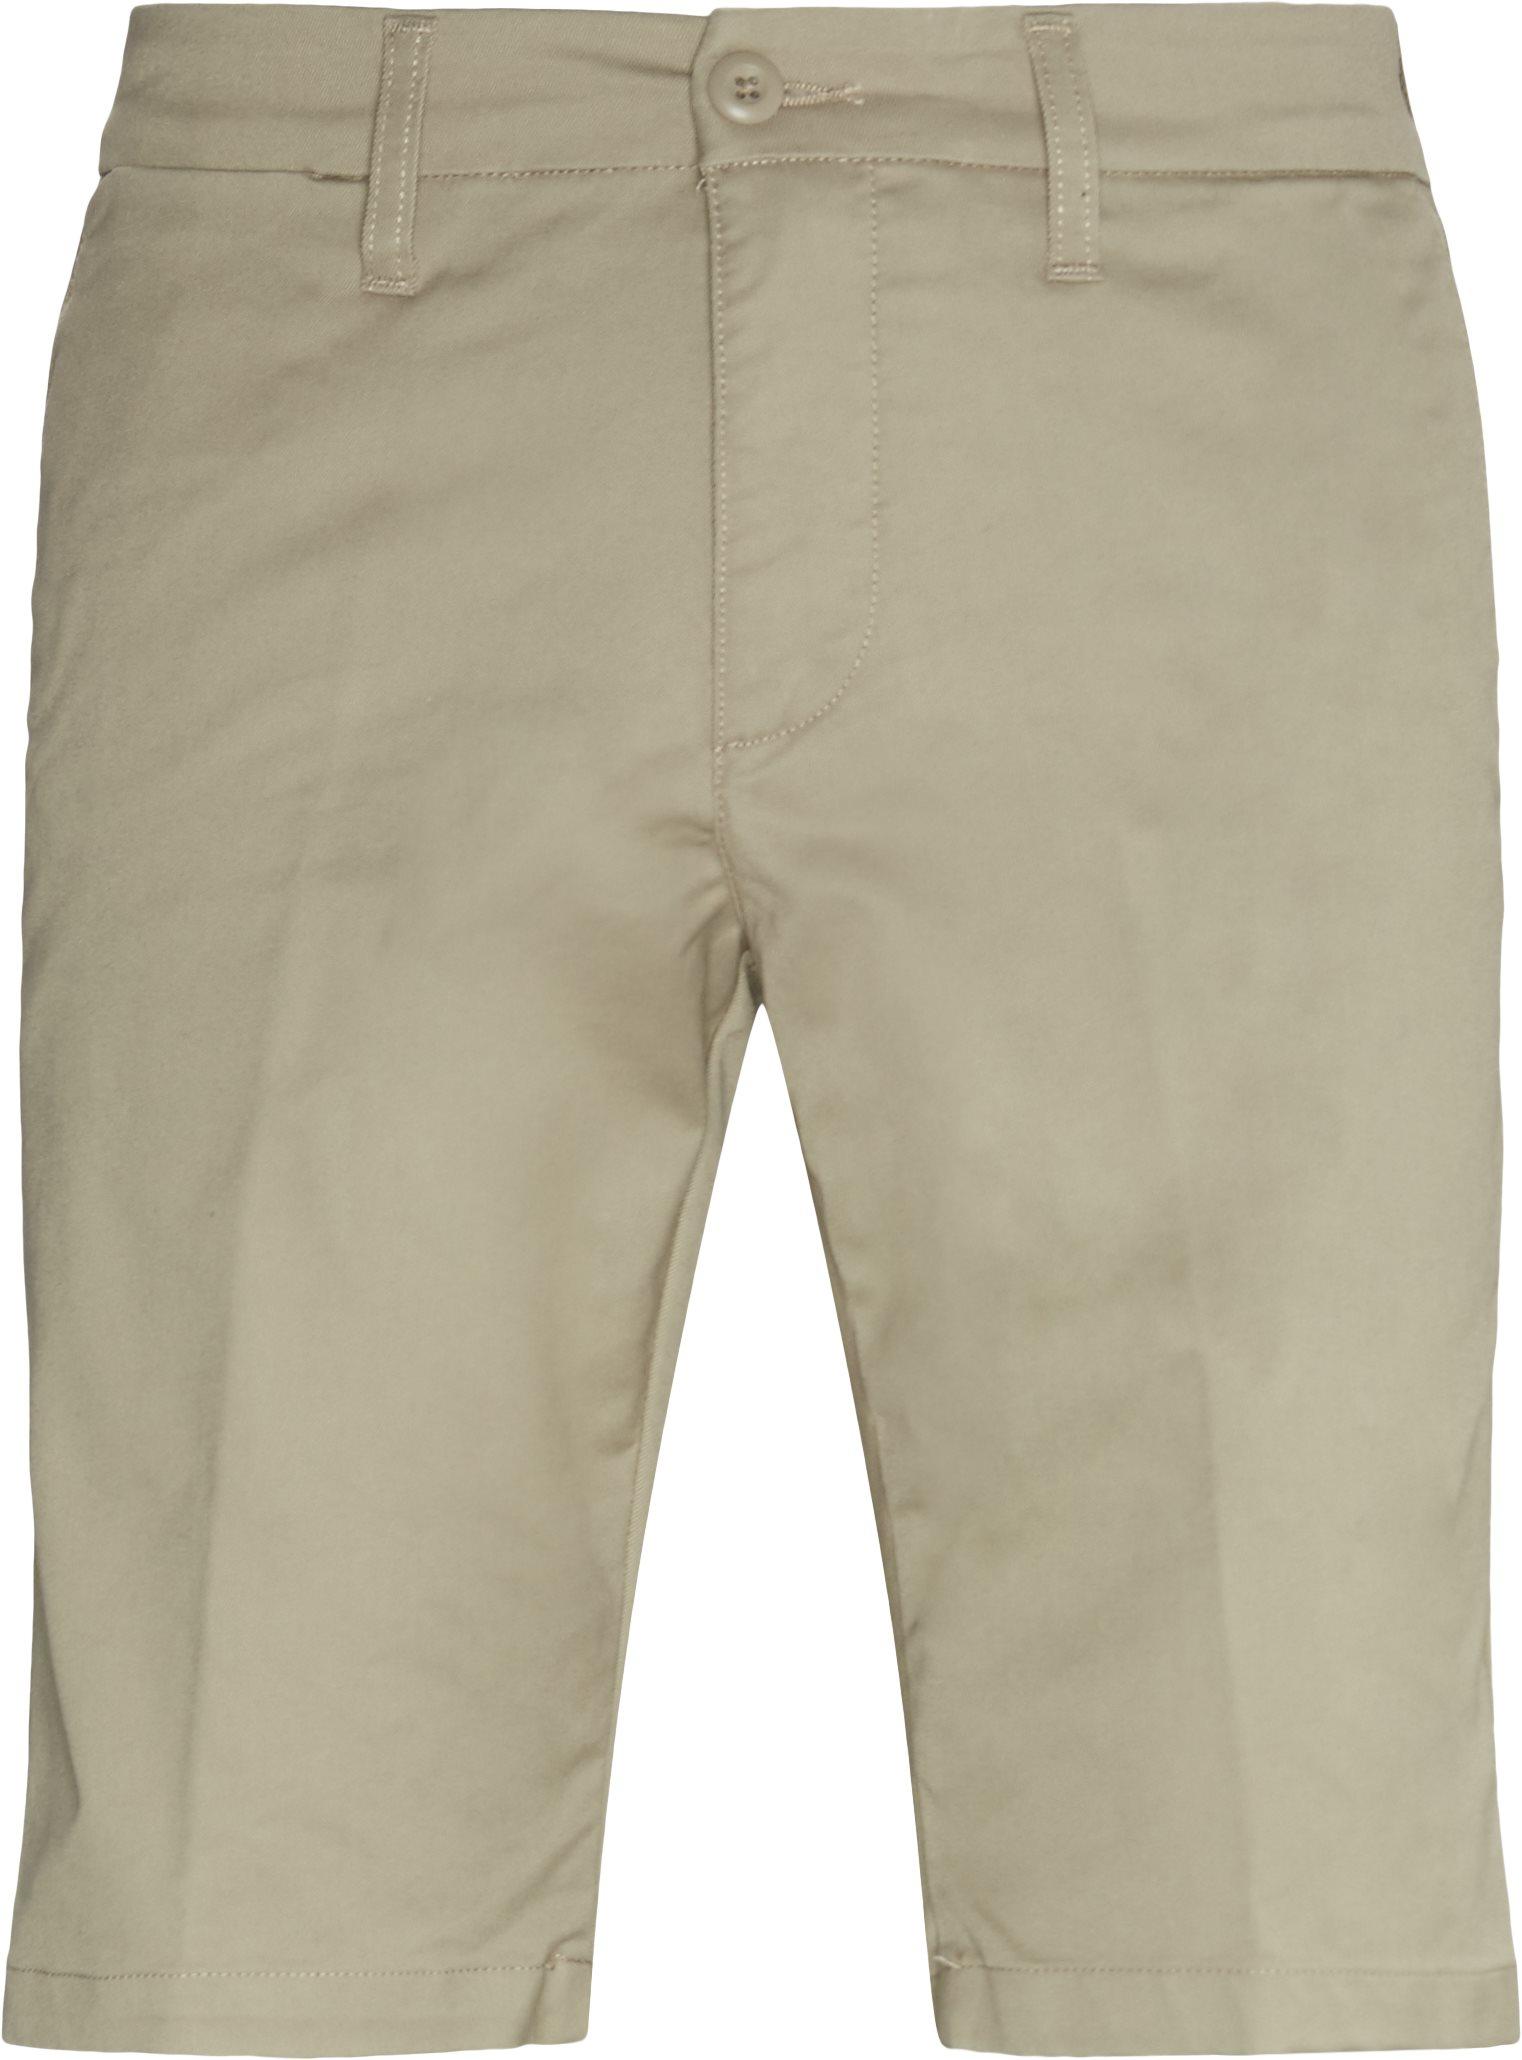 Sid Shorts - Shorts - Slim fit - Sand